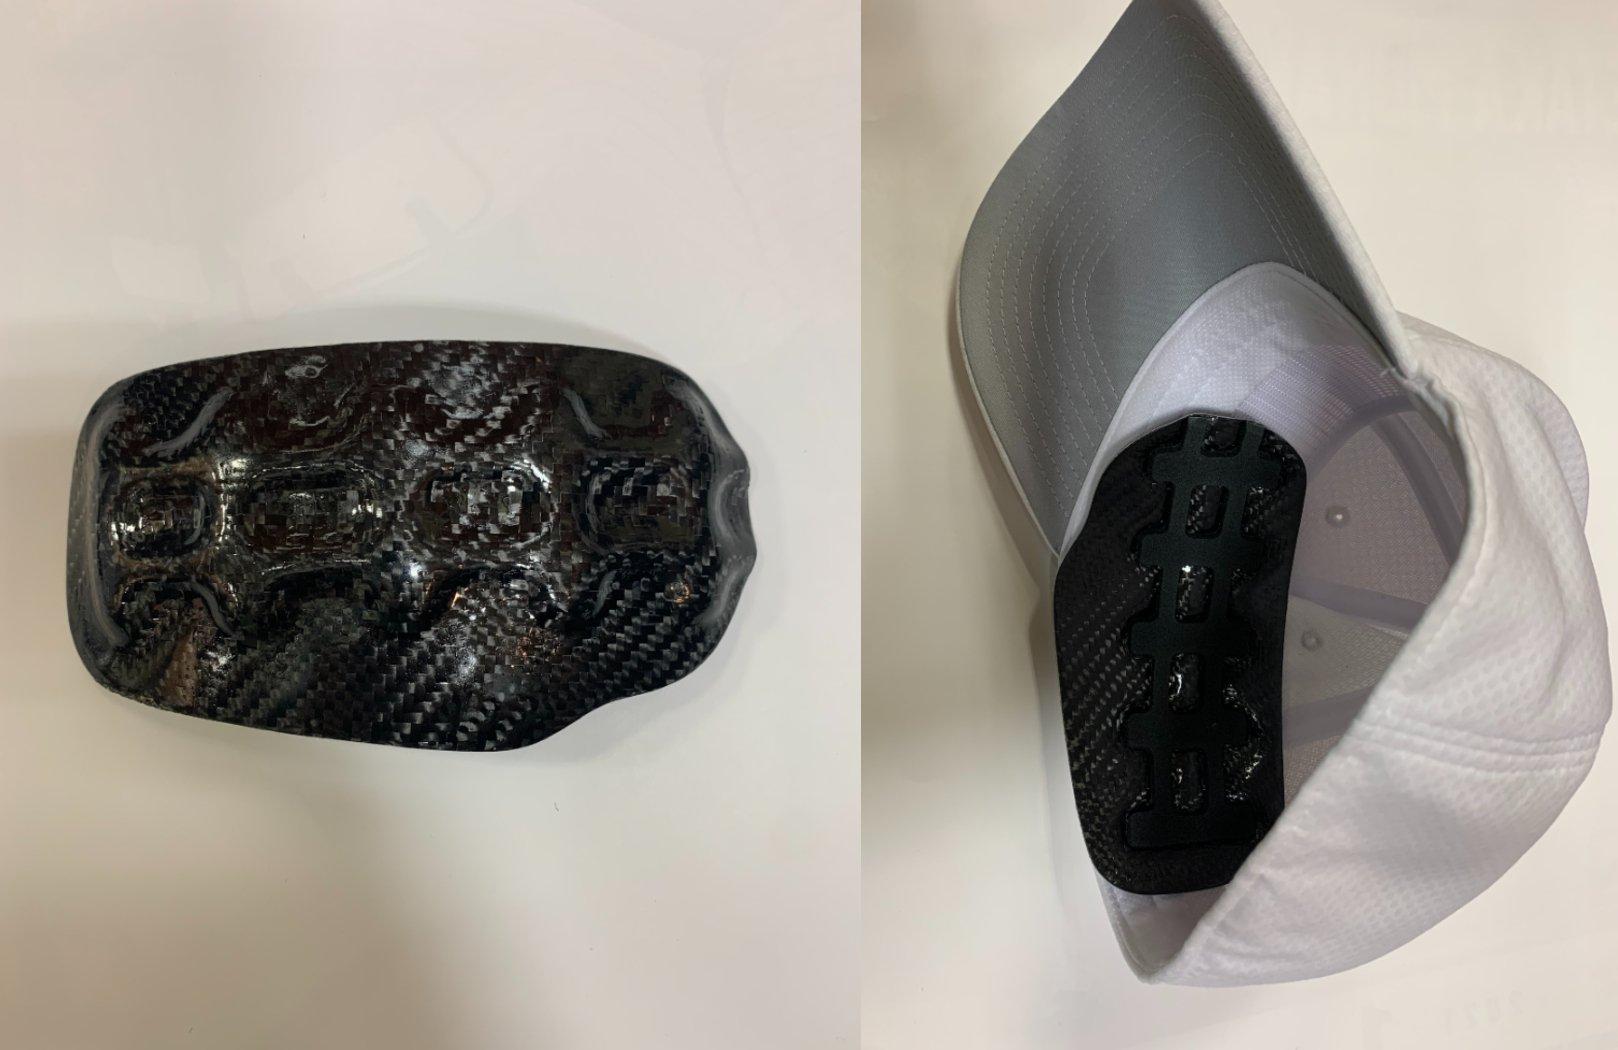 SST社が開発したヘッドガード(右投げ用)。大小のマジックテープ(付属)をアイロンで装着して装着/筆者撮影